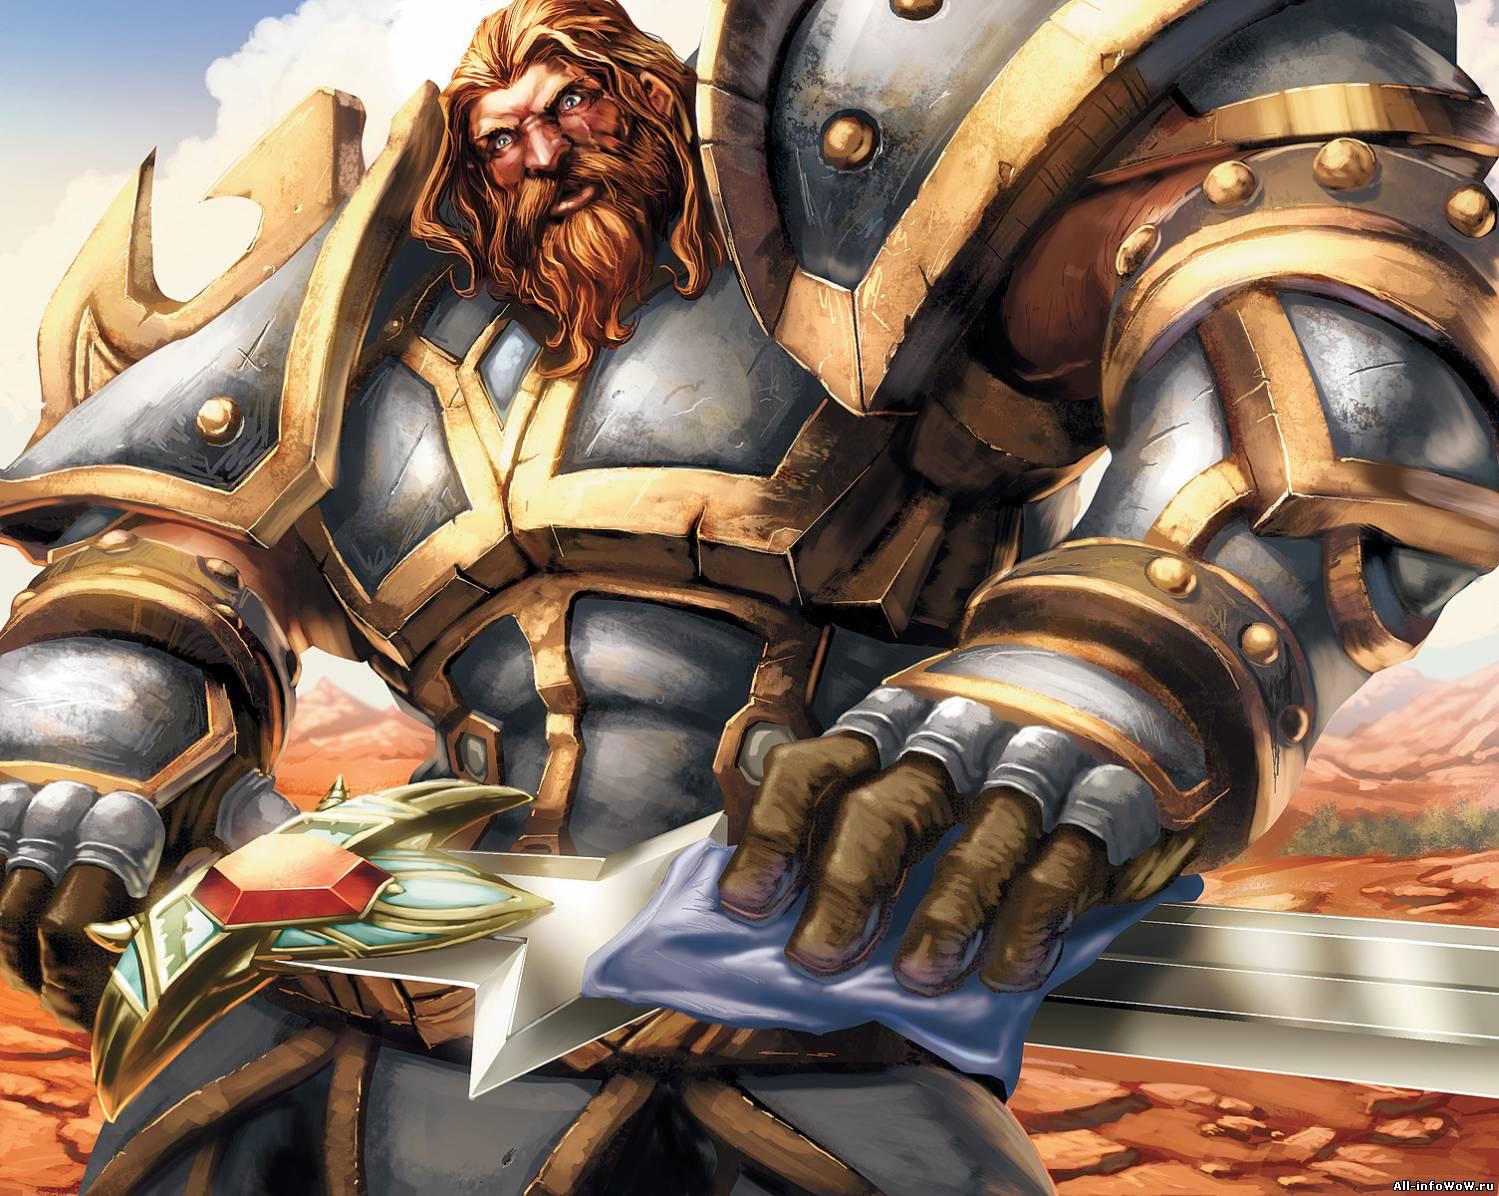 Warcraft human sex comics